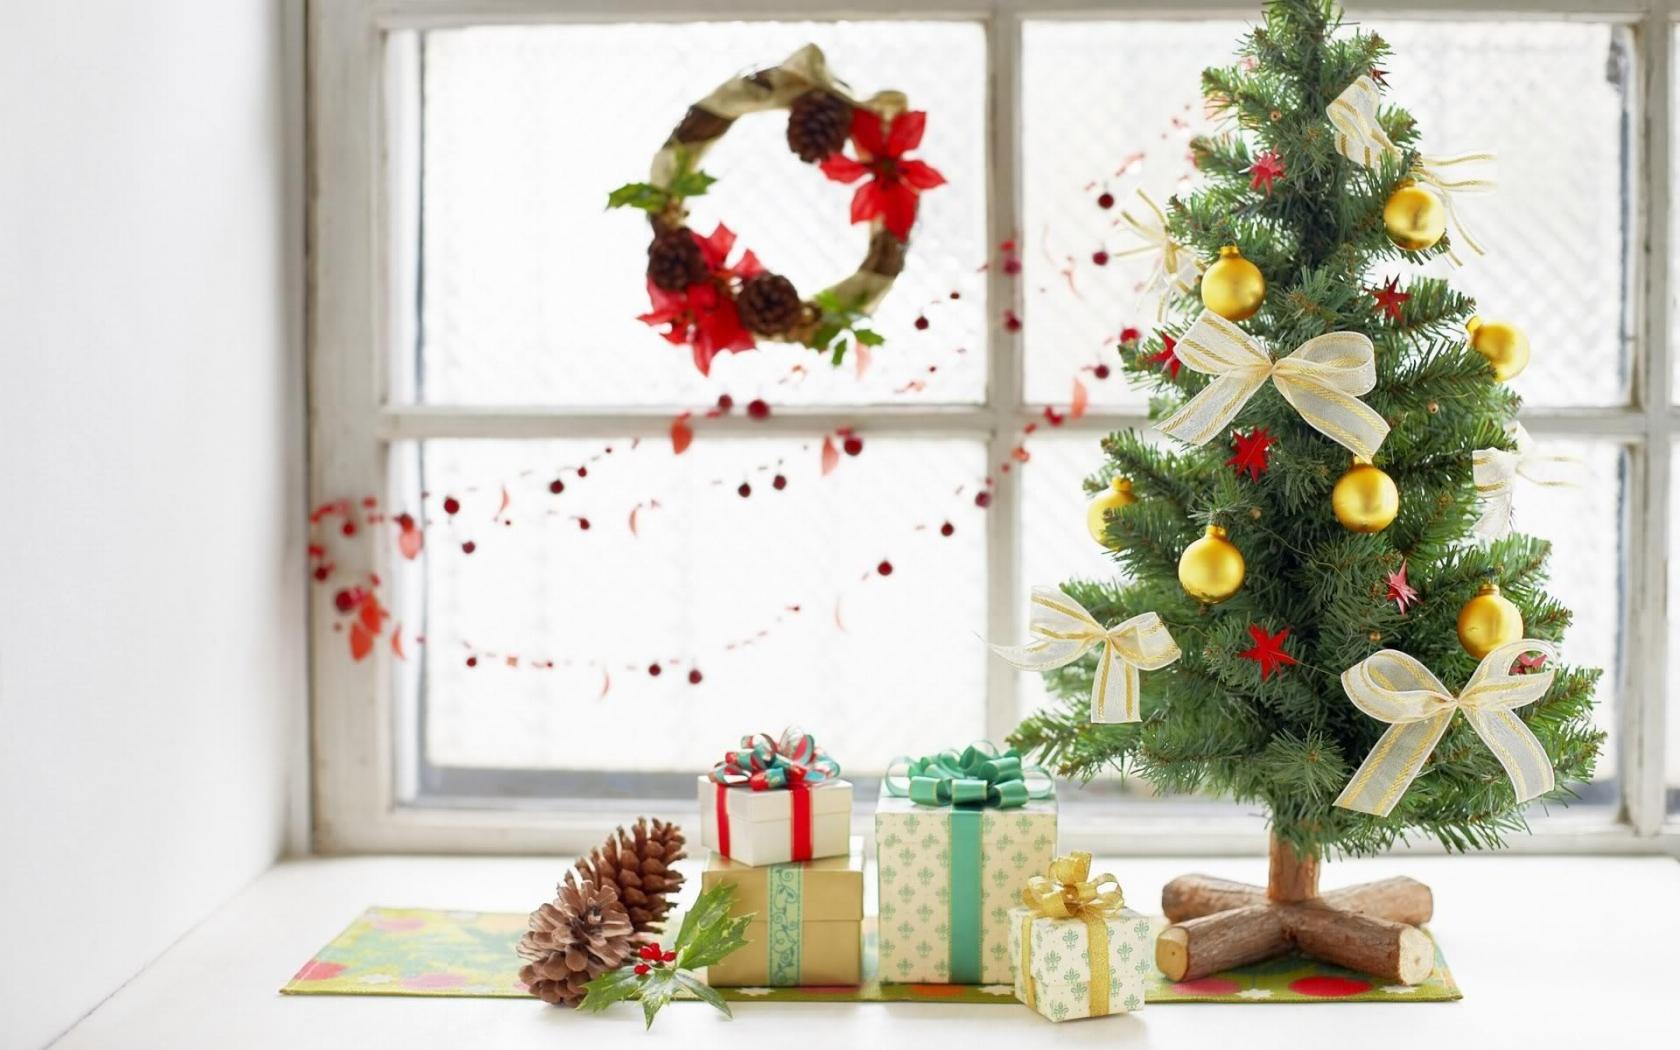 Arbol de navidad y regalos - 1680x1050